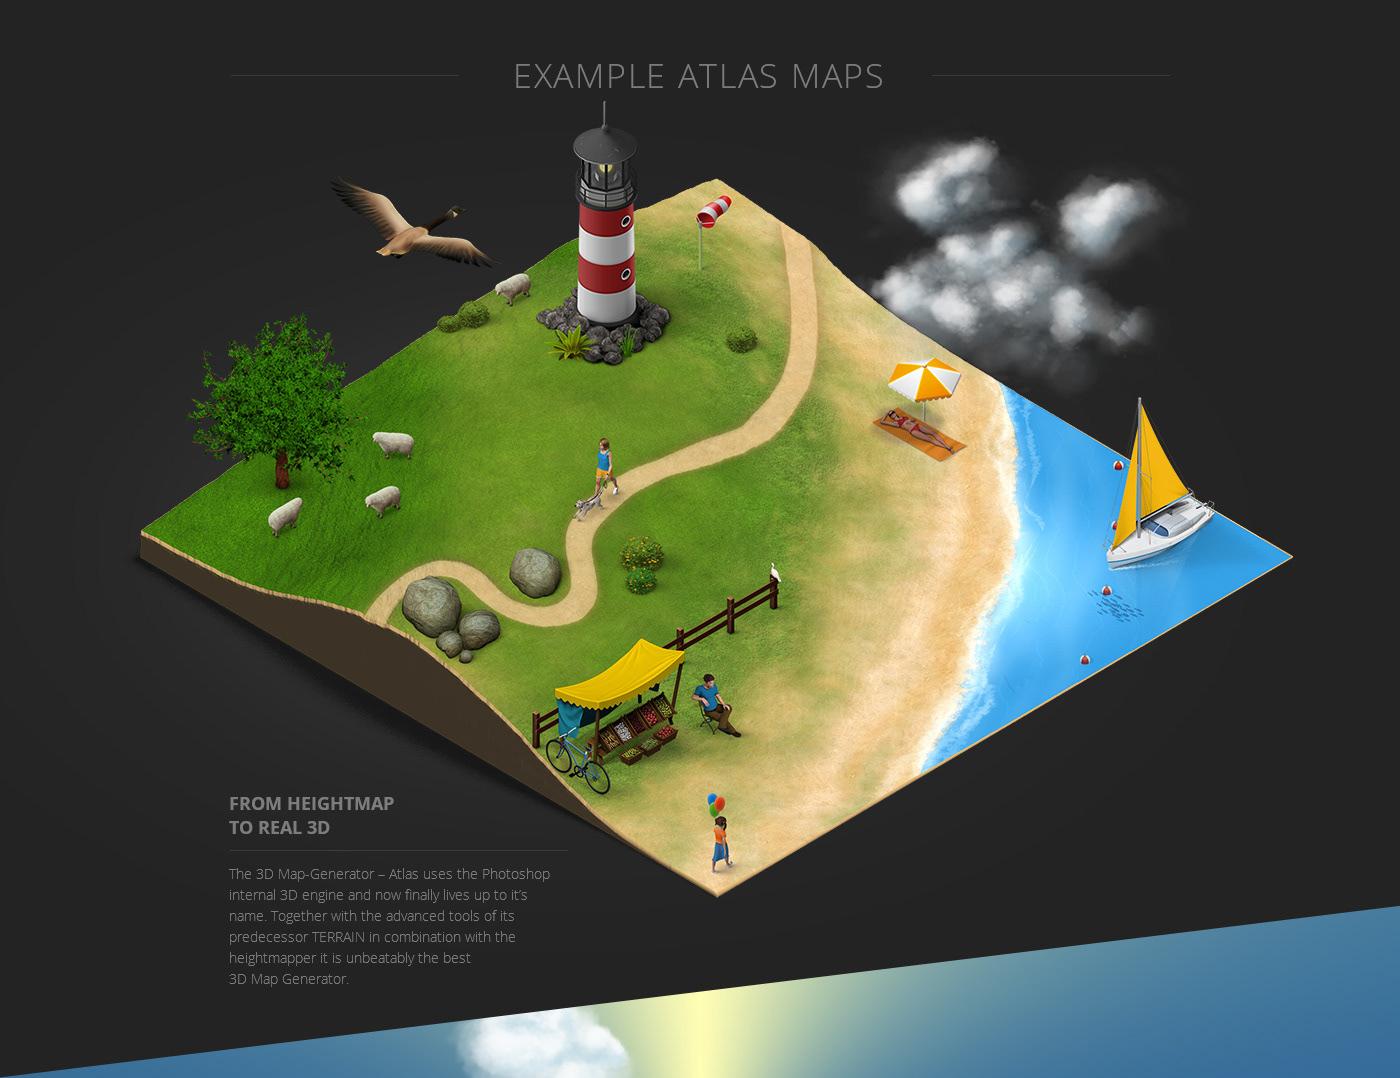 3D Map Generator - Atlas on Behance